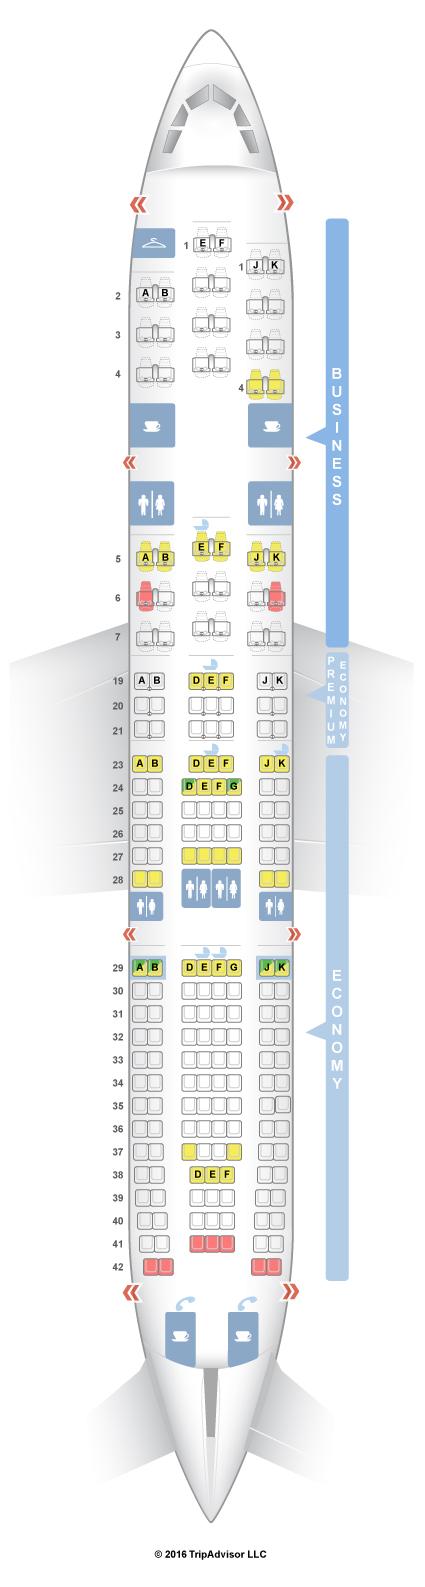 Seatguru seat map air france airbus a330 200 332 for Air algerie reservation vol interieur